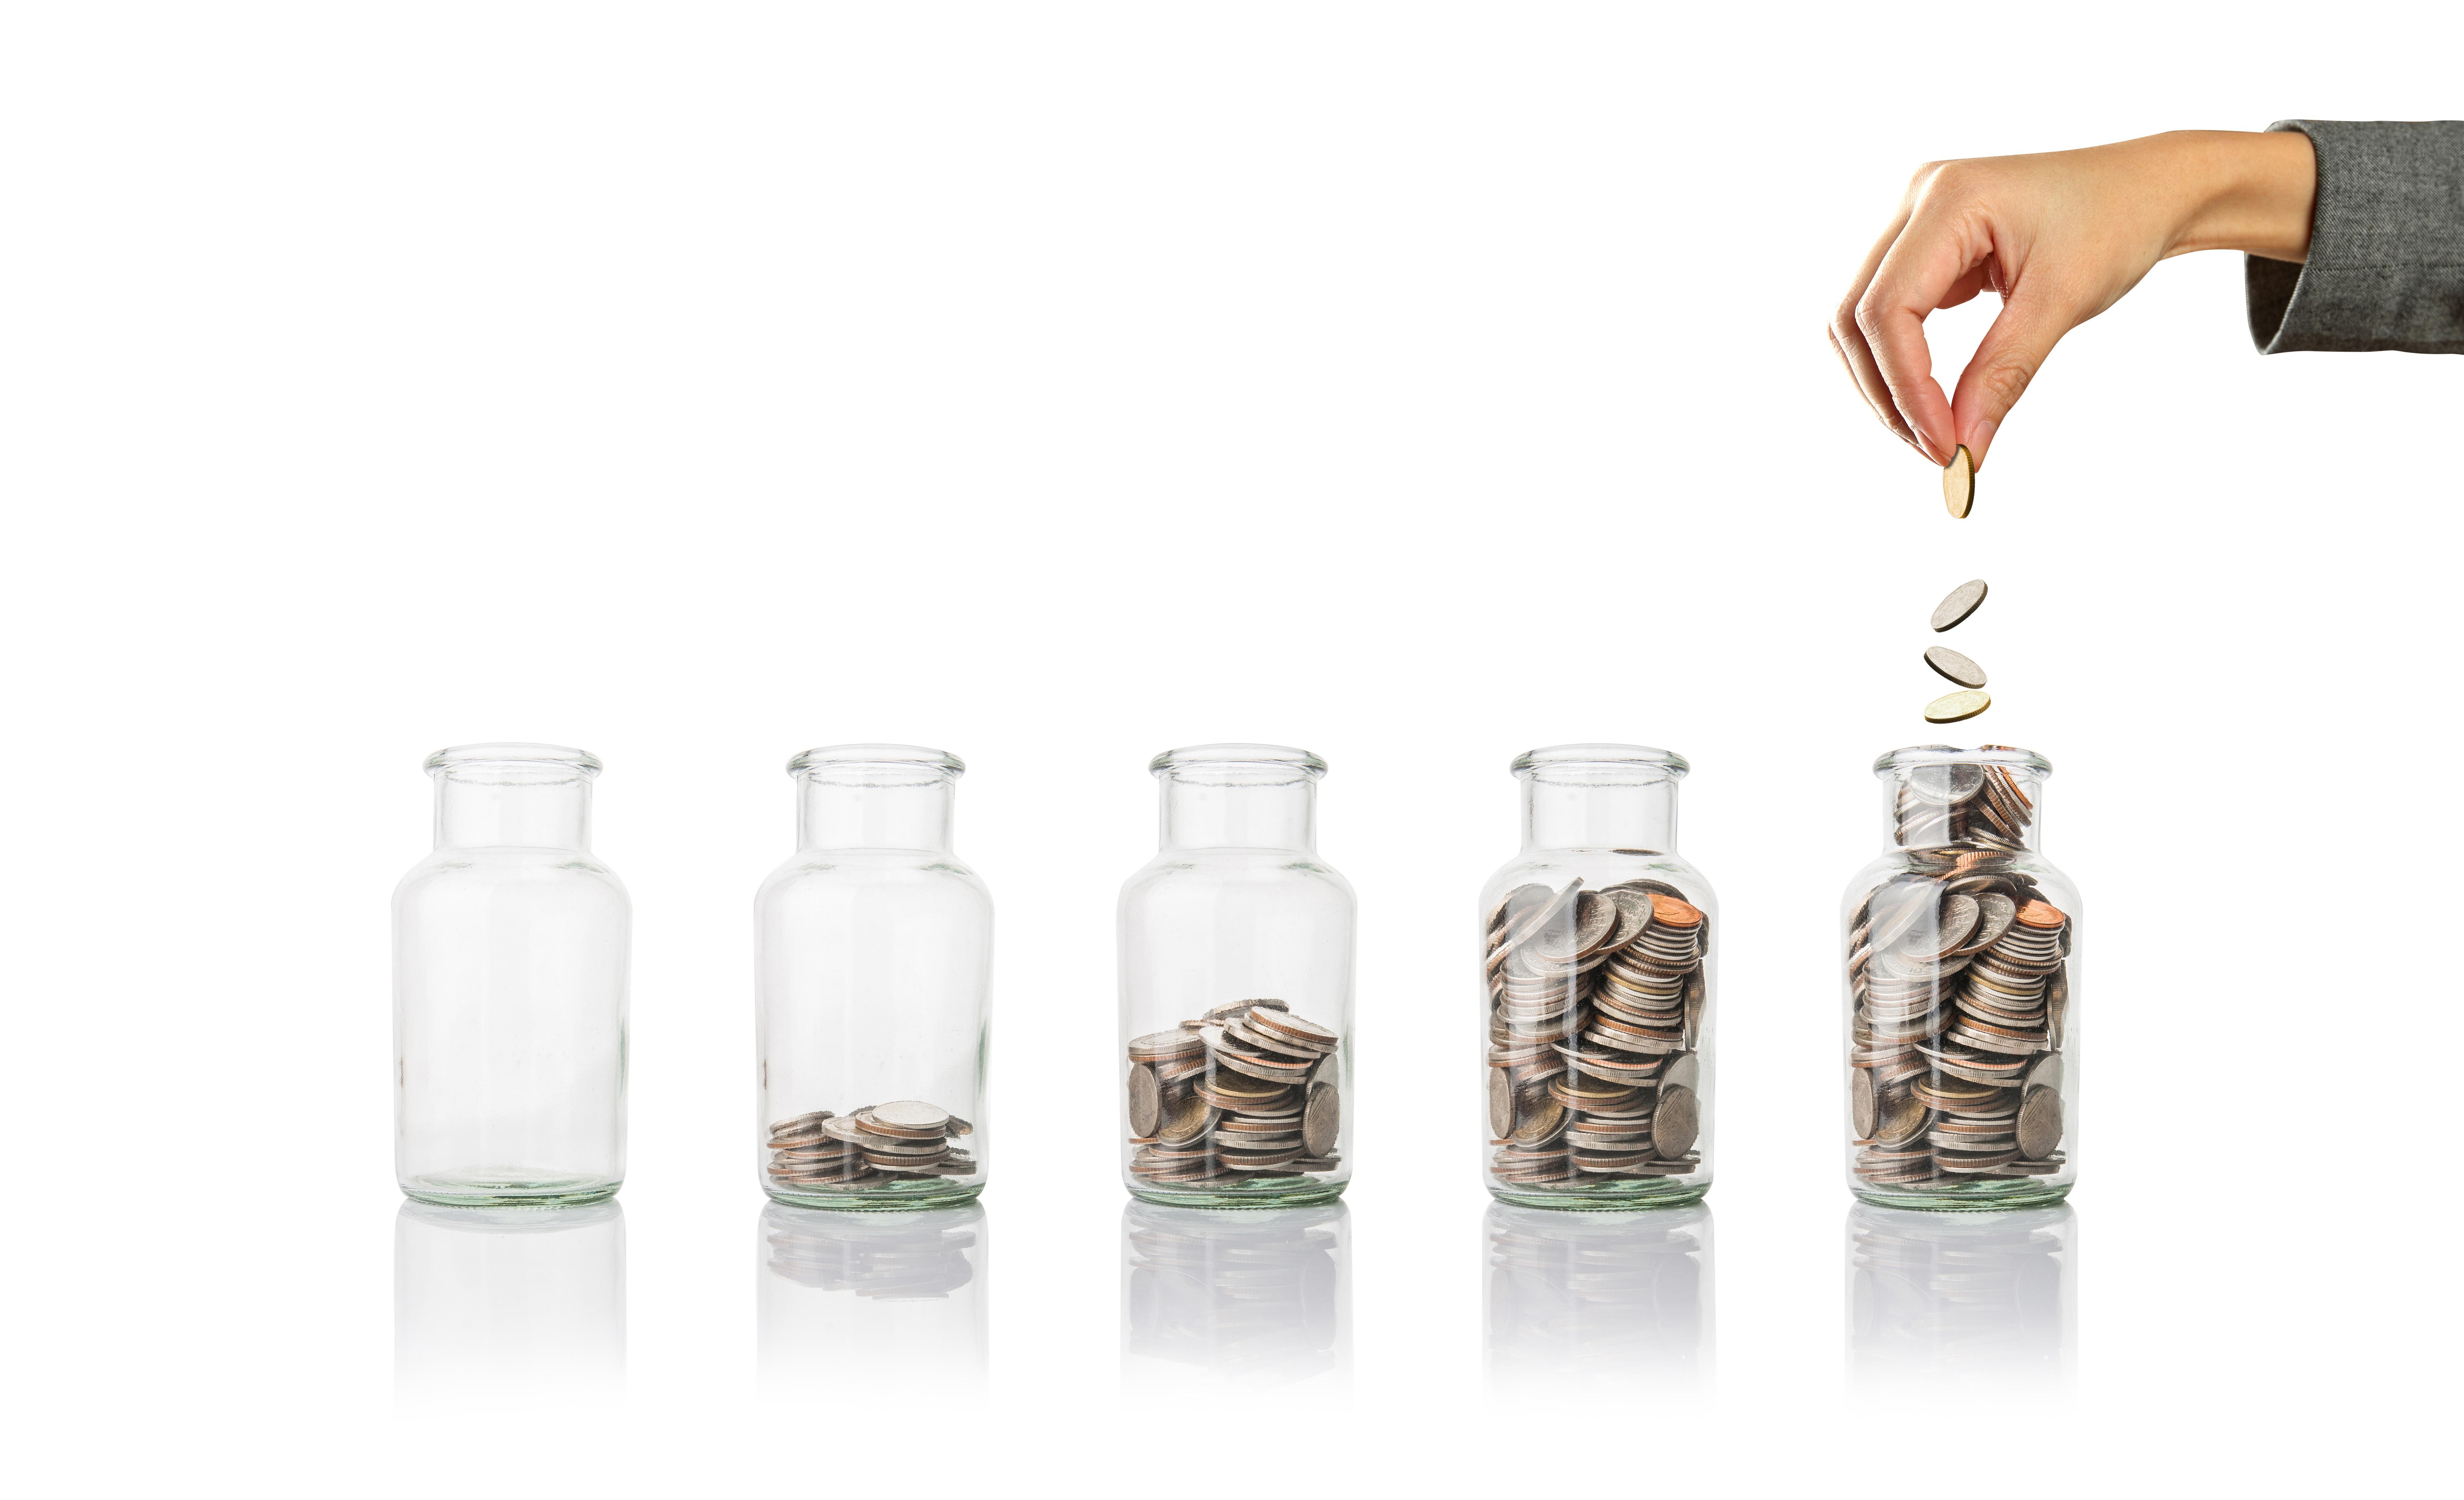 Cinq principes fondamentaux concernant la gestion de l'argent